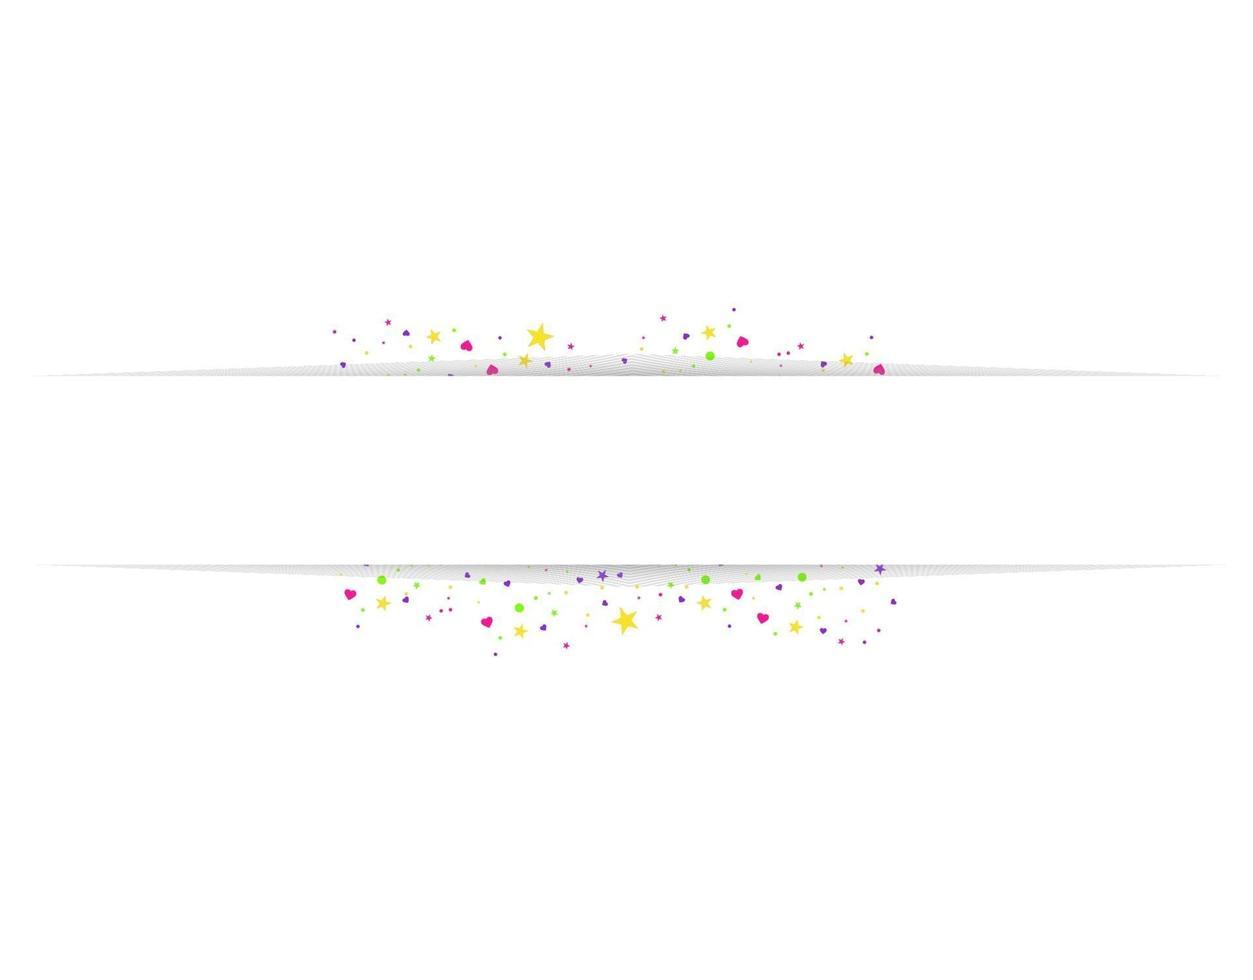 lege banner met kleur confetti geïsoleerd op een witte achtergrond. vector feestelijke achtergrond. gelukkige verjaardag concept